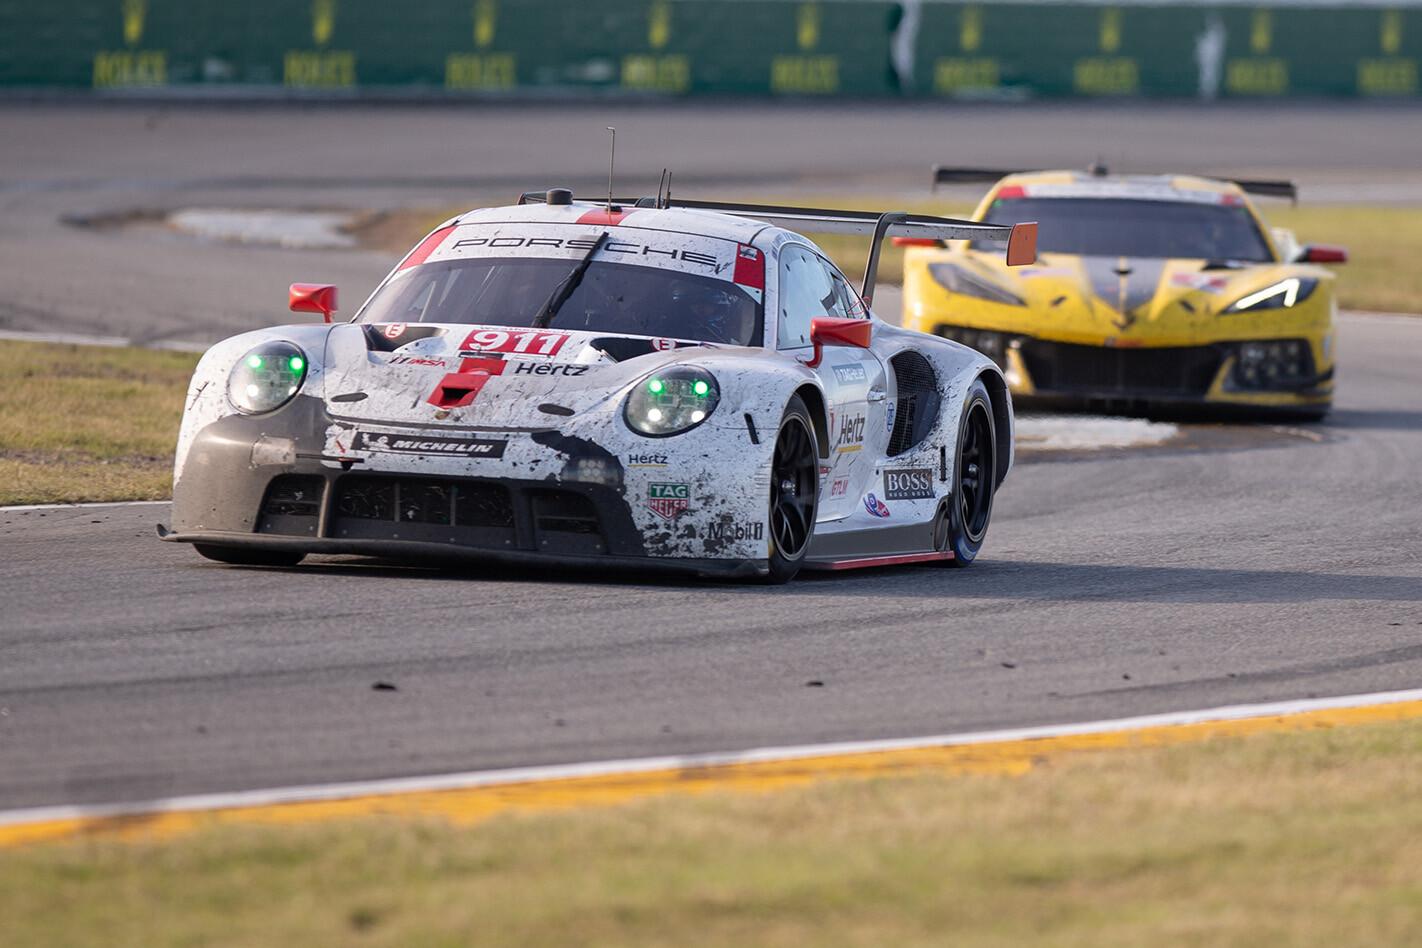 Porsche 911 RSR GTE Chevrolet Corvette C 8 R Daytona Jpg